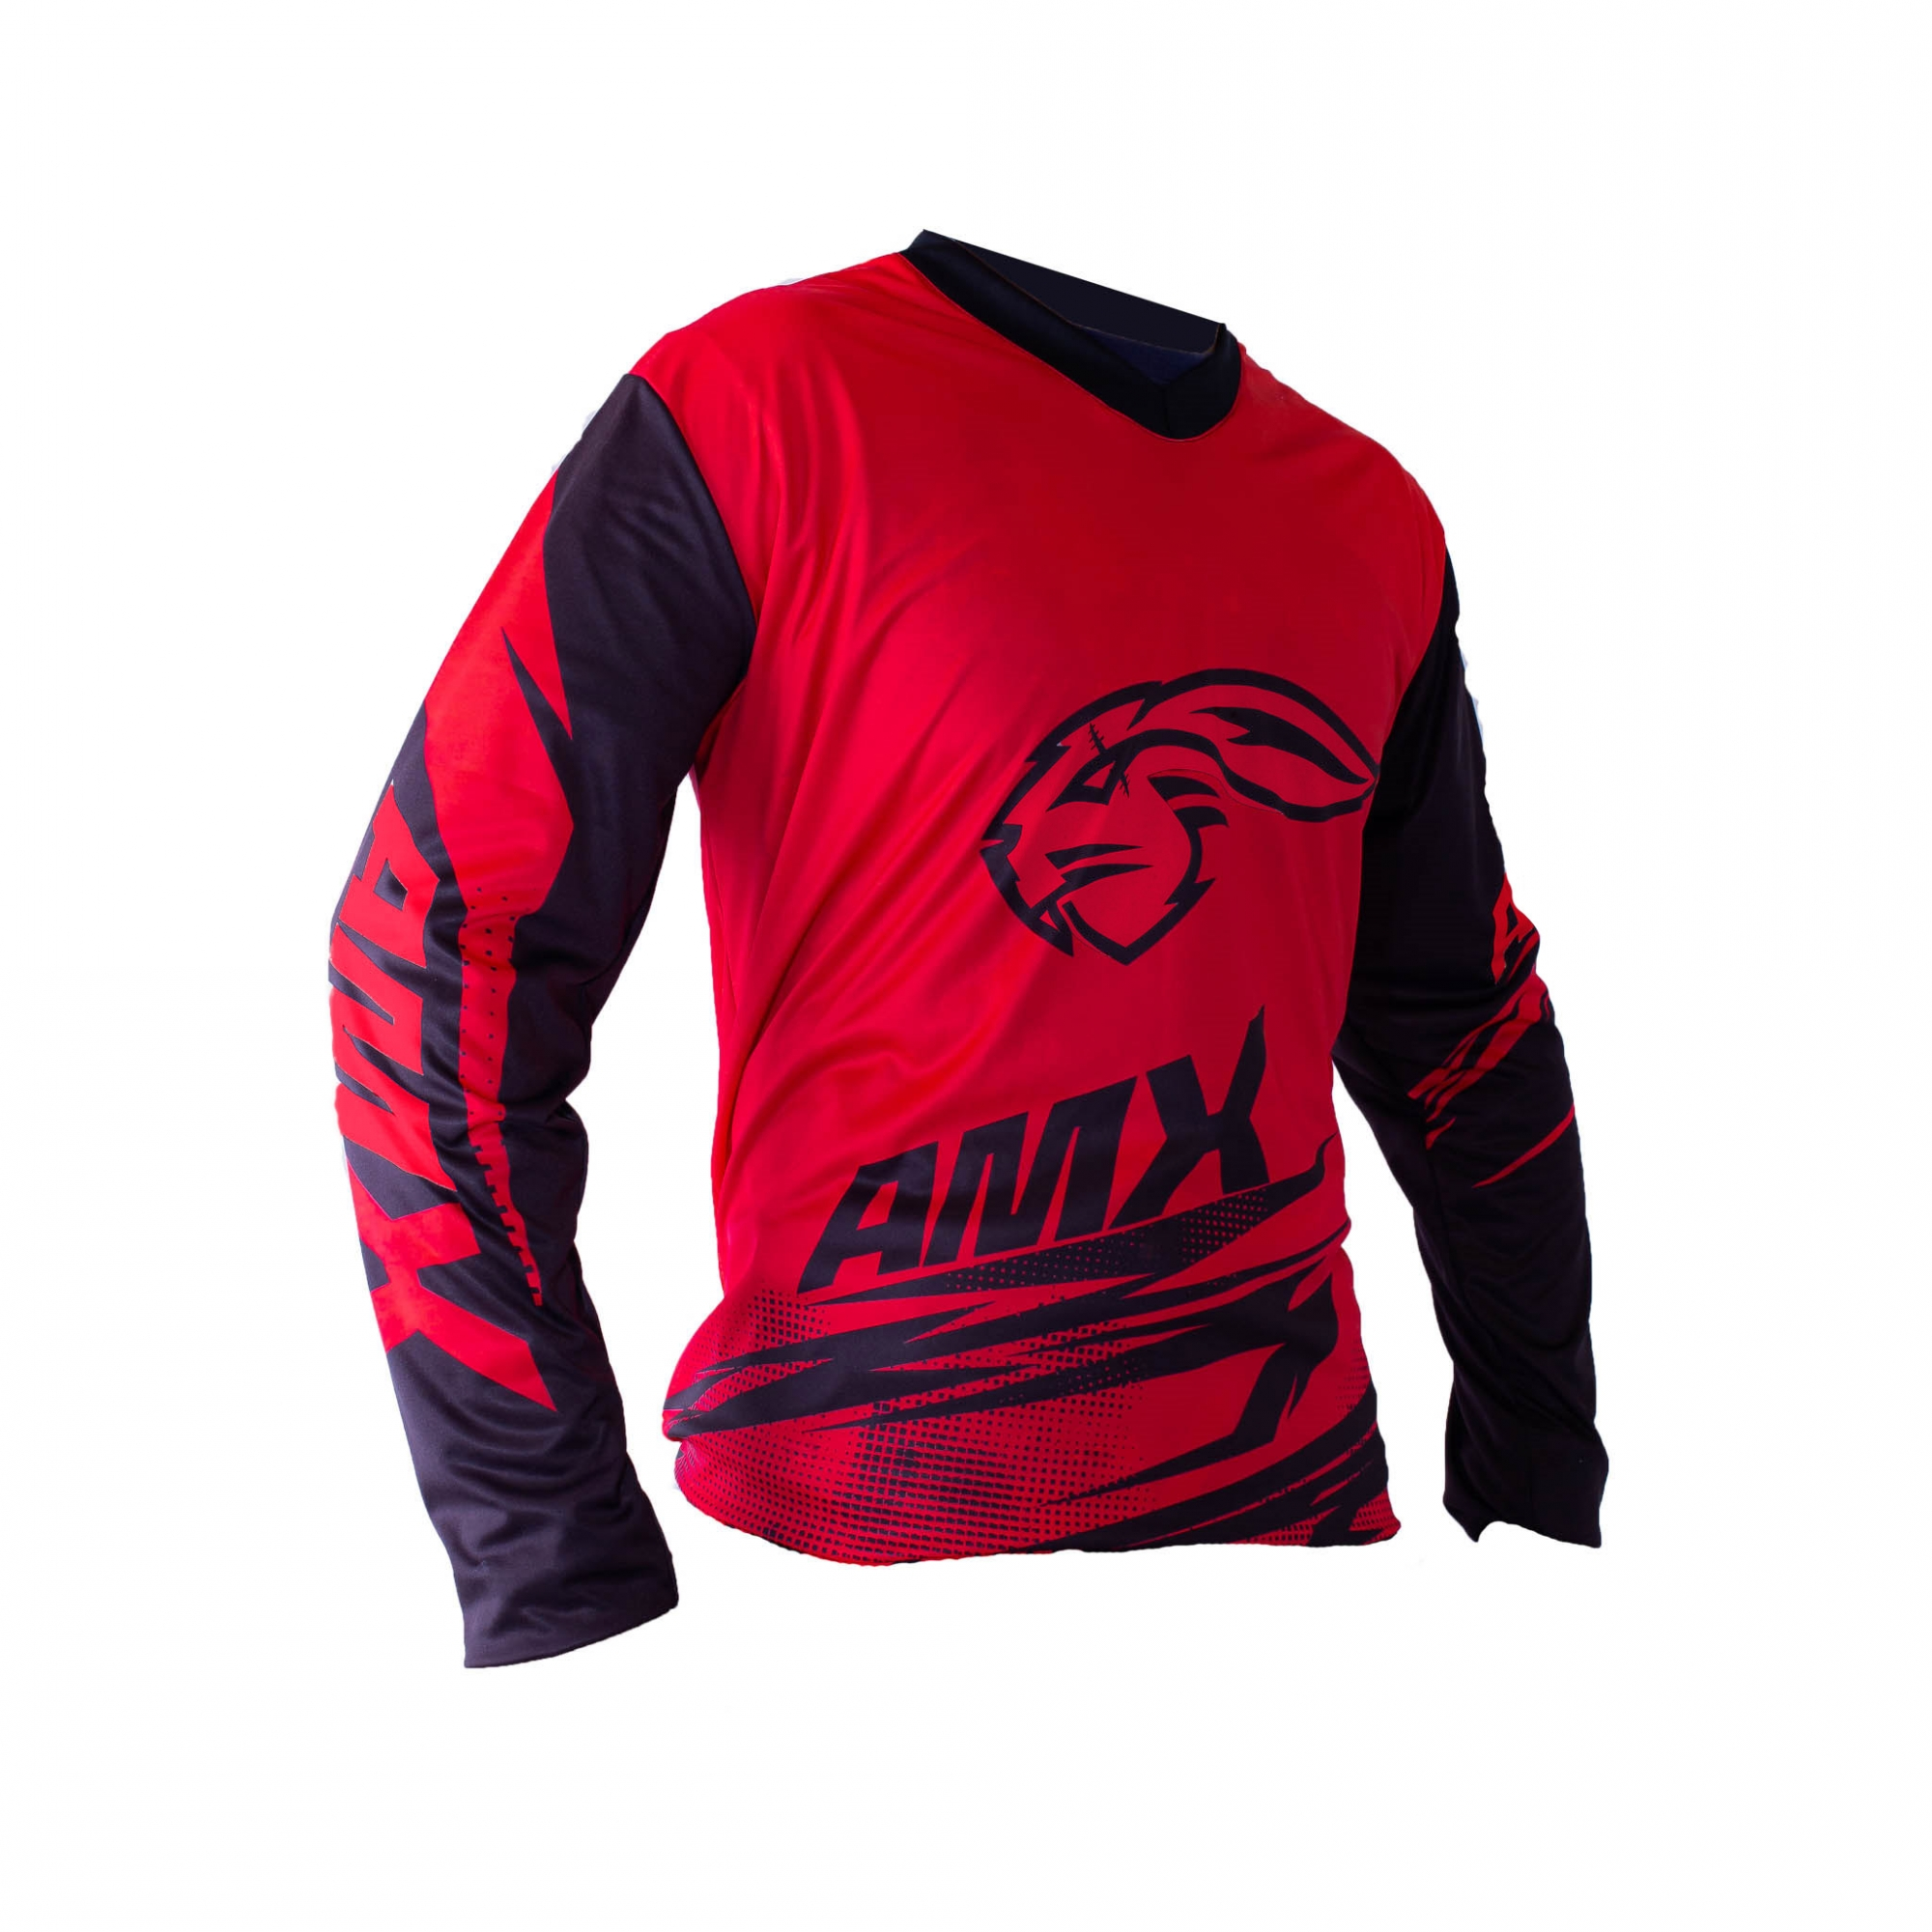 Camisa Amx Duo Trilha Motocross Vermelho